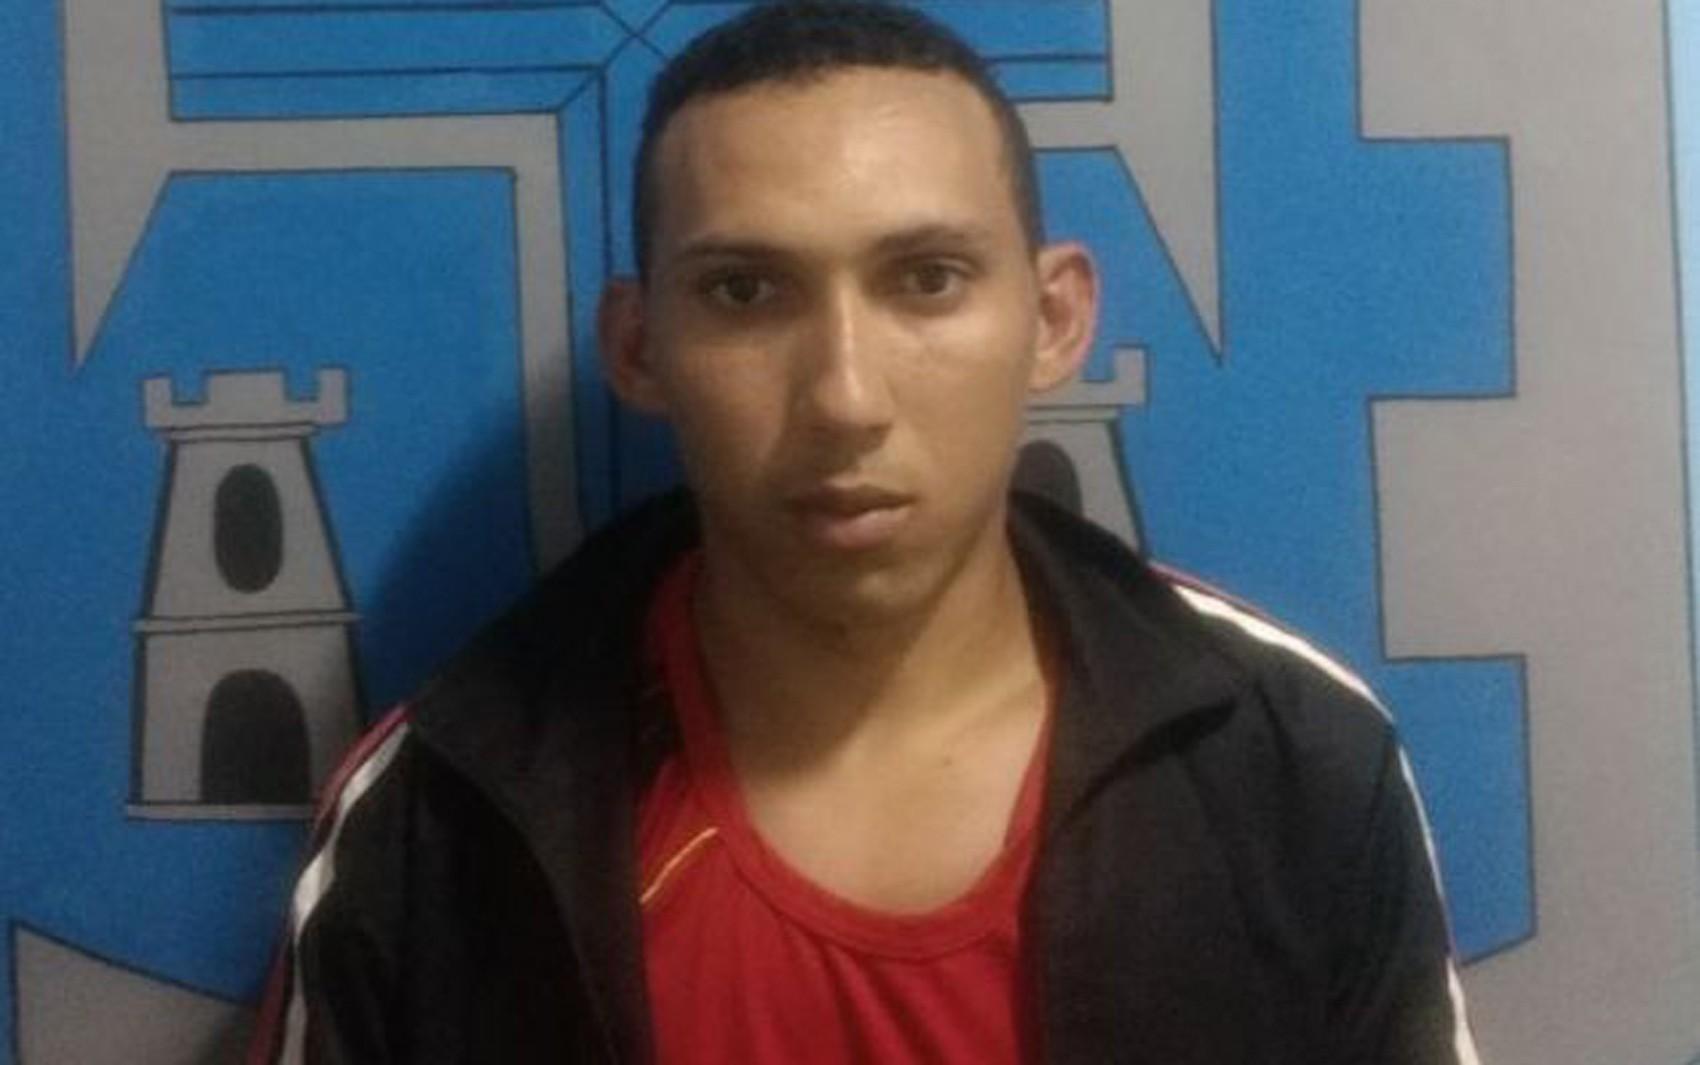 Homem procurado por agredir enteada de 1 ano e causar fraturas no corpo do bebê no DF é preso na Bahia